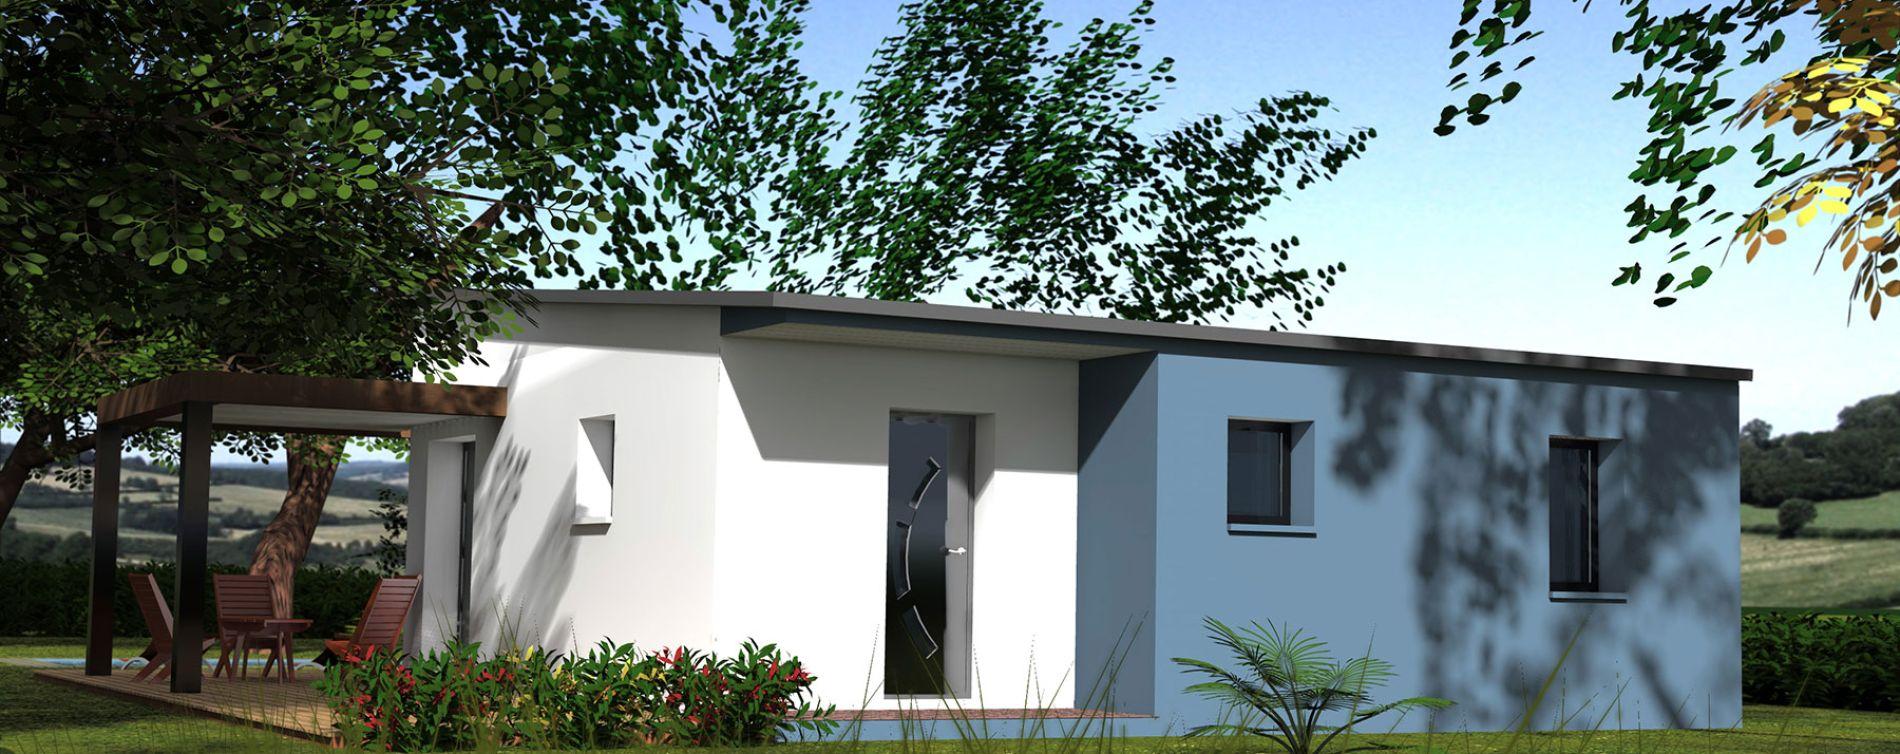 Saint-Pol-de-Léon : programme immobilier neuve « Résidence de la Baie de Carantec » (4)